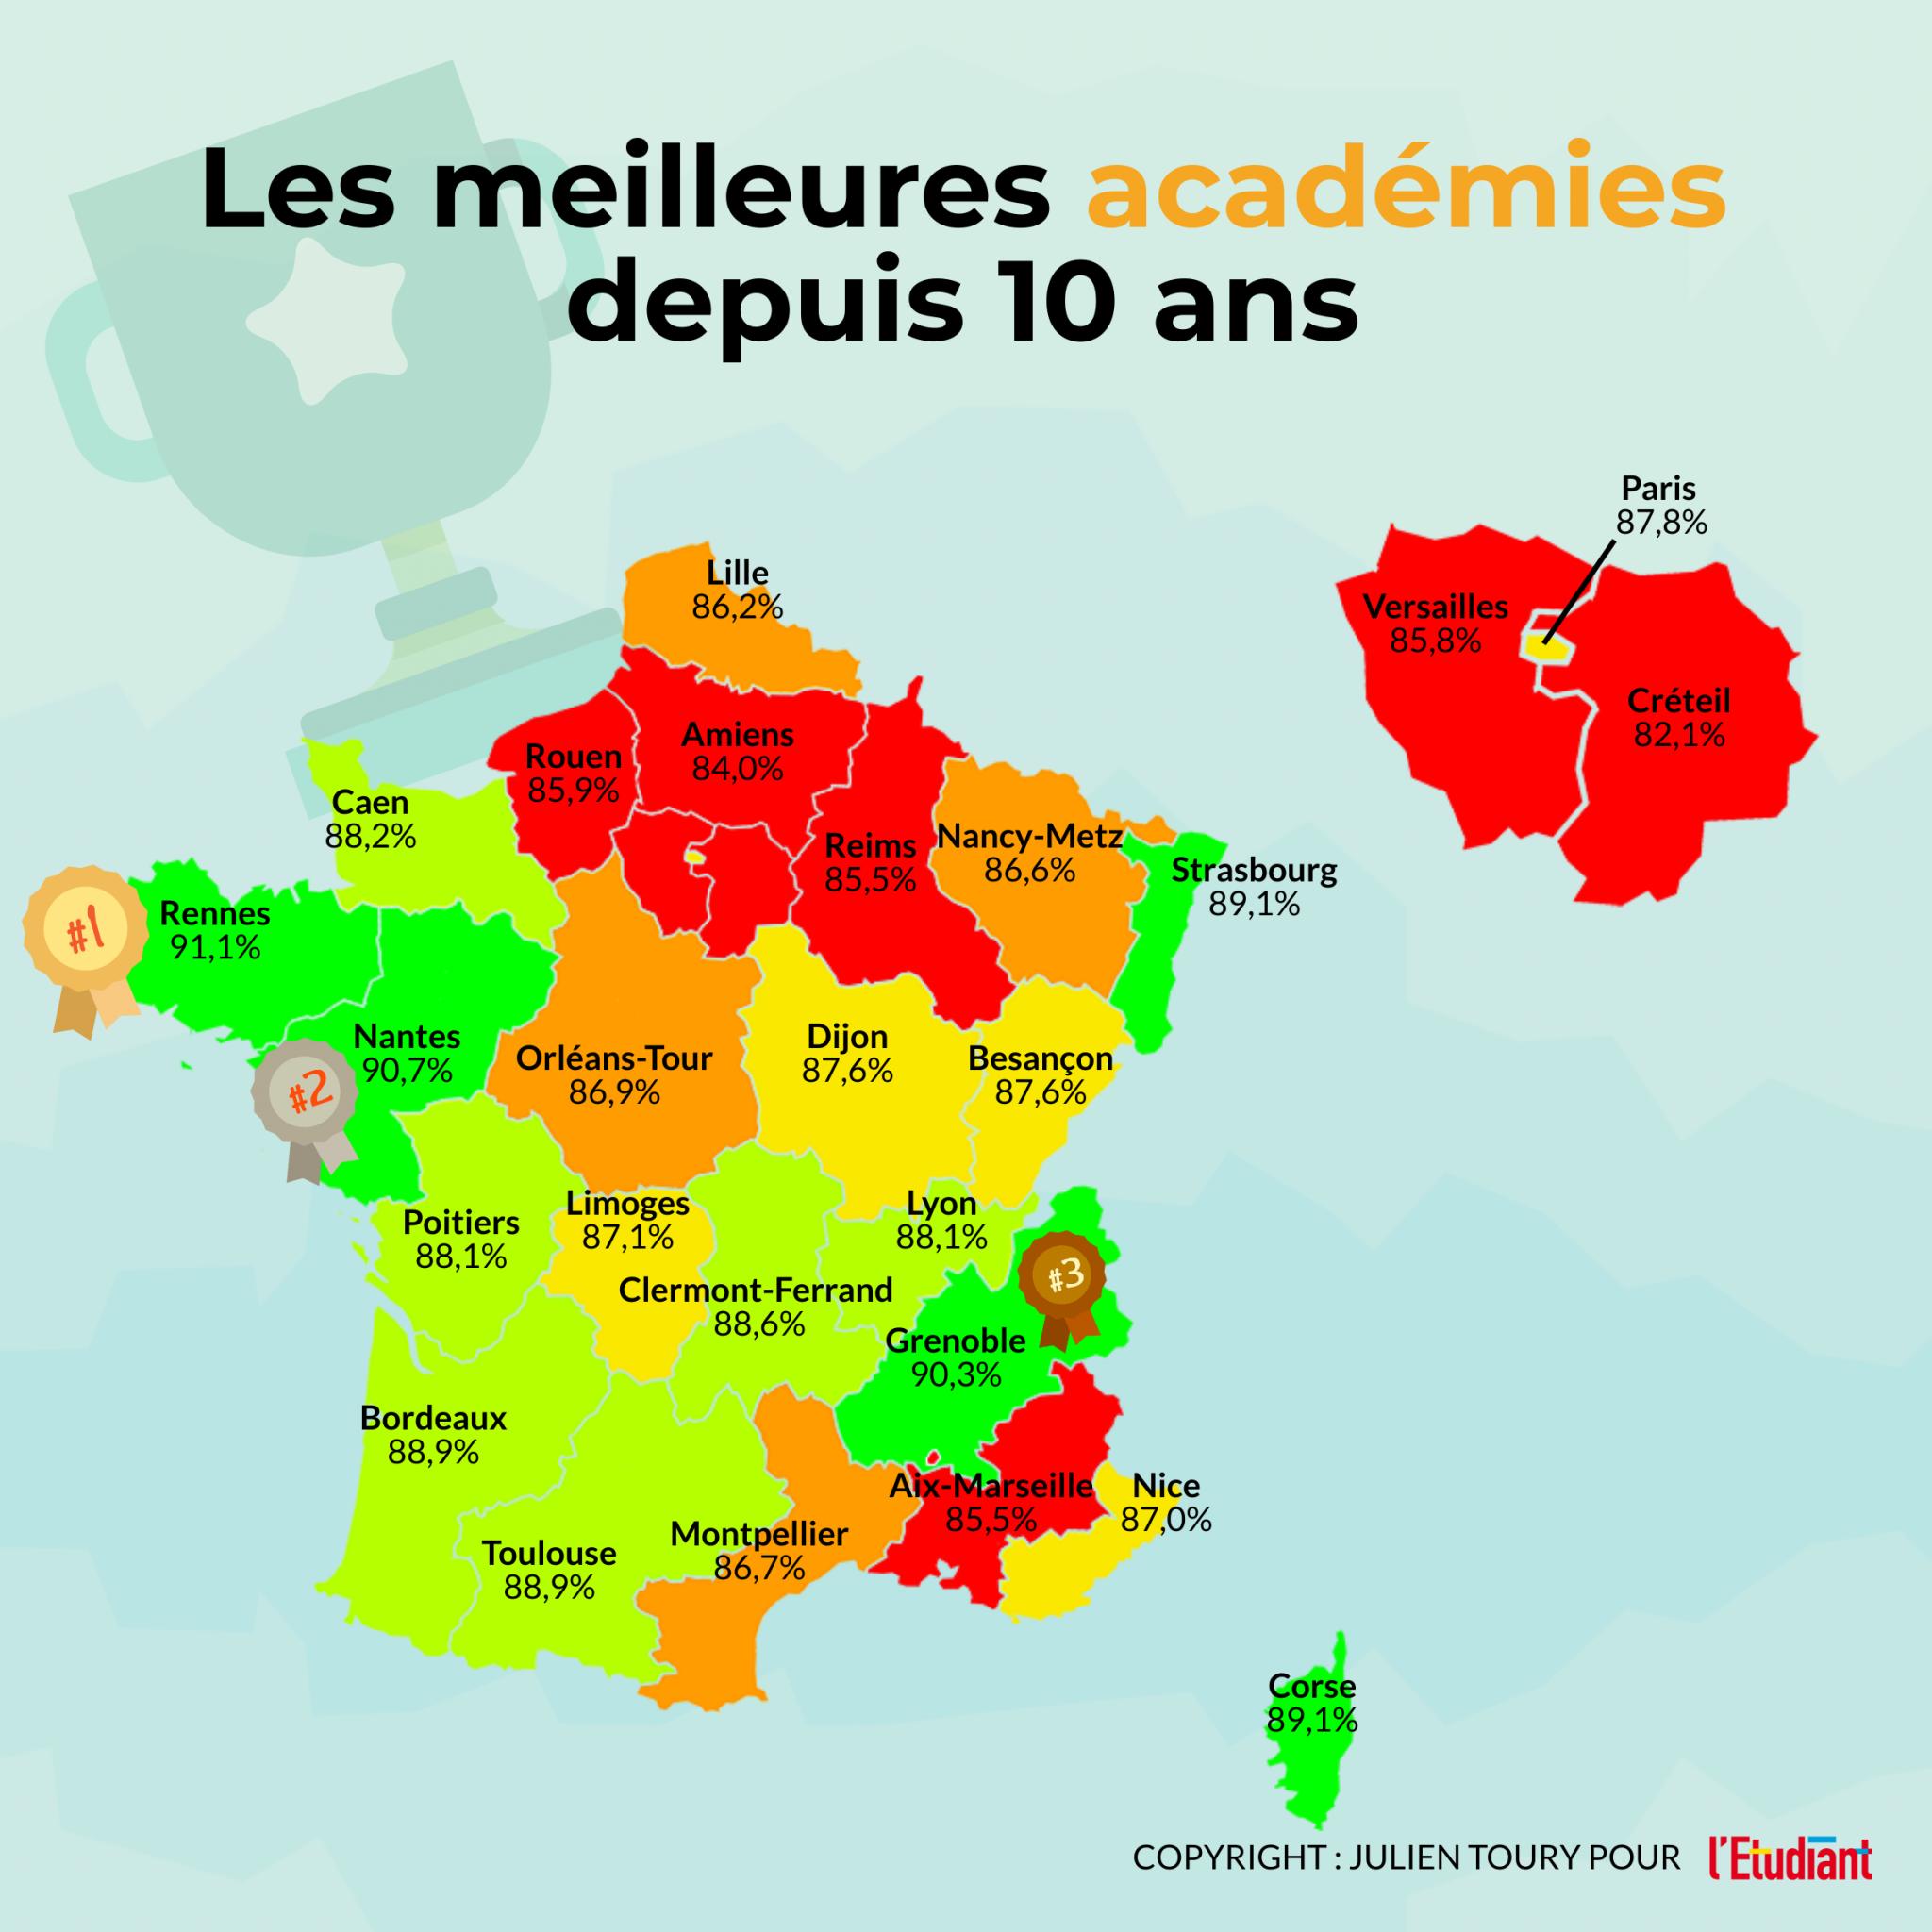 Les meilleures académies depuis 10 ans